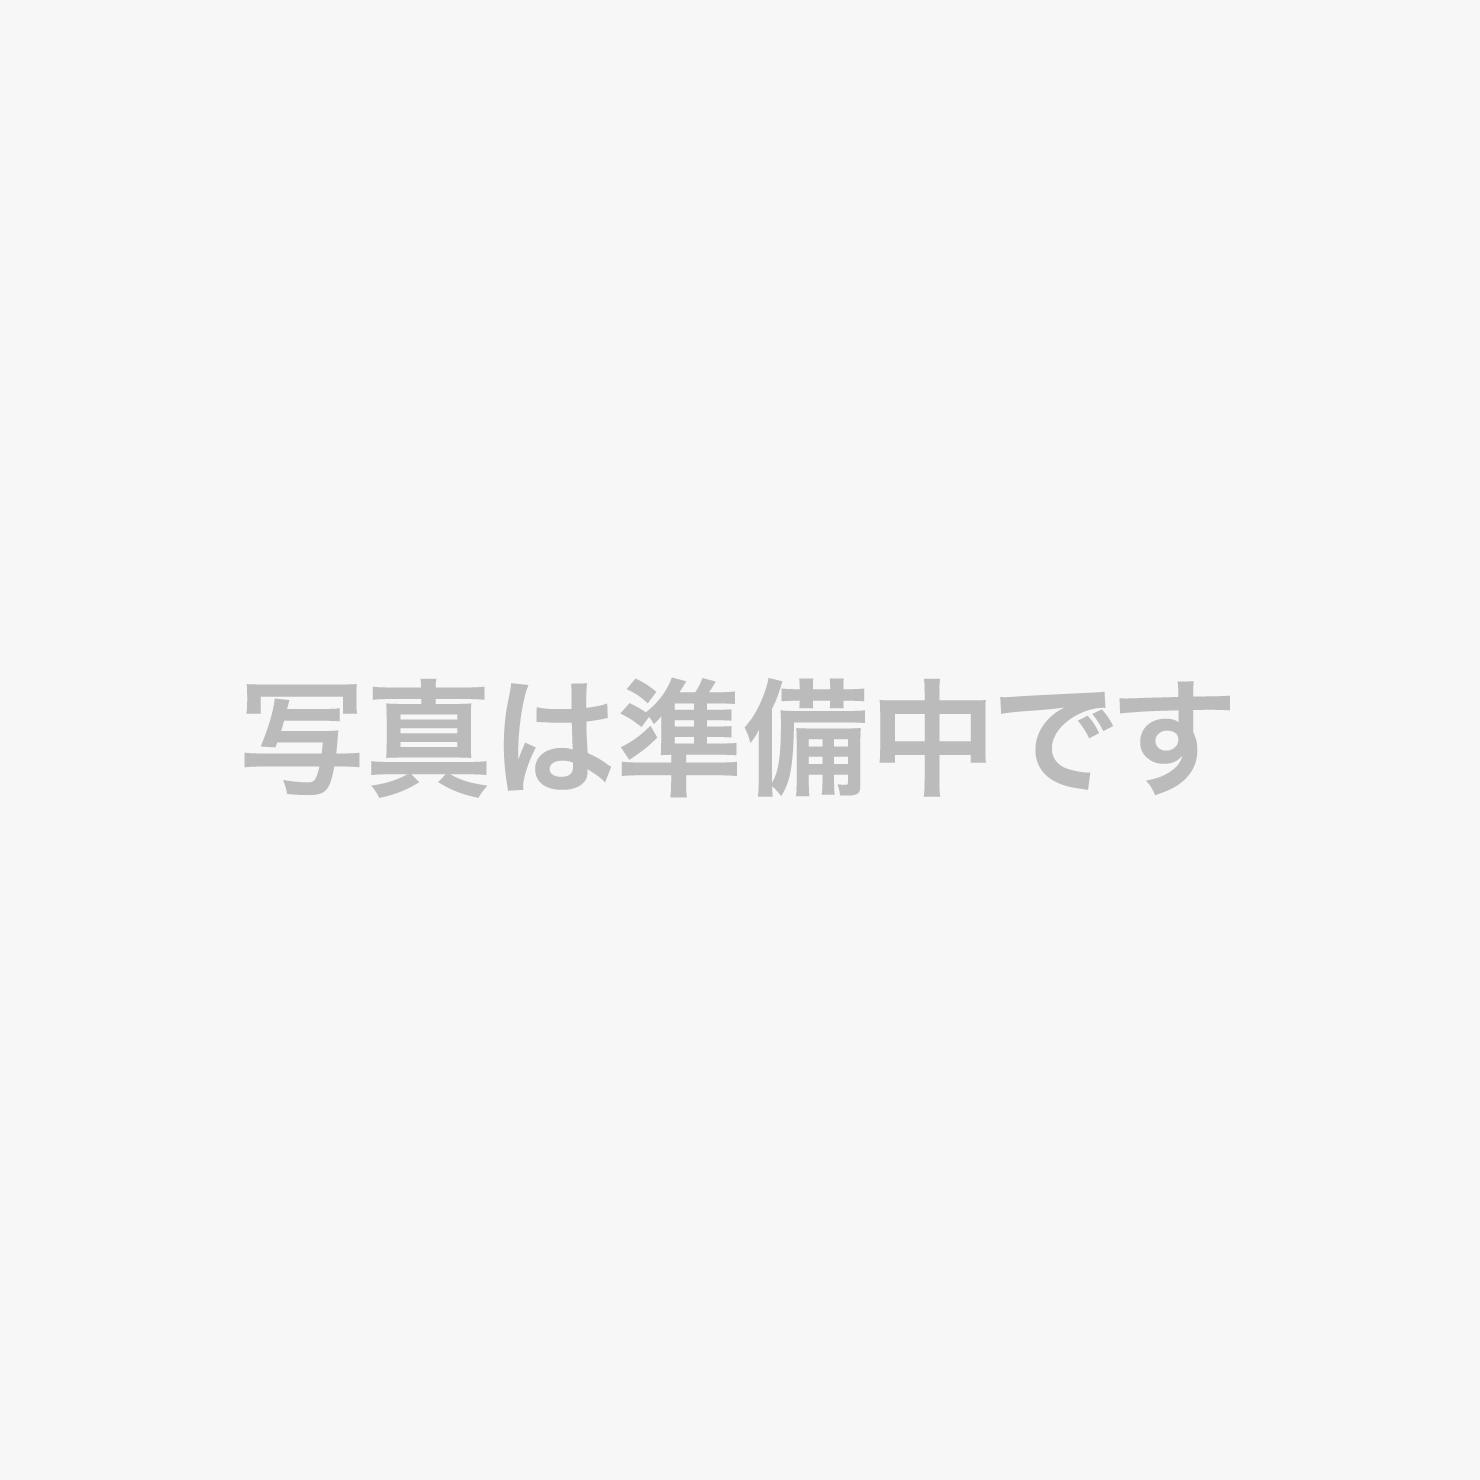 インルームダイニングでの朝食風景(イメージ)